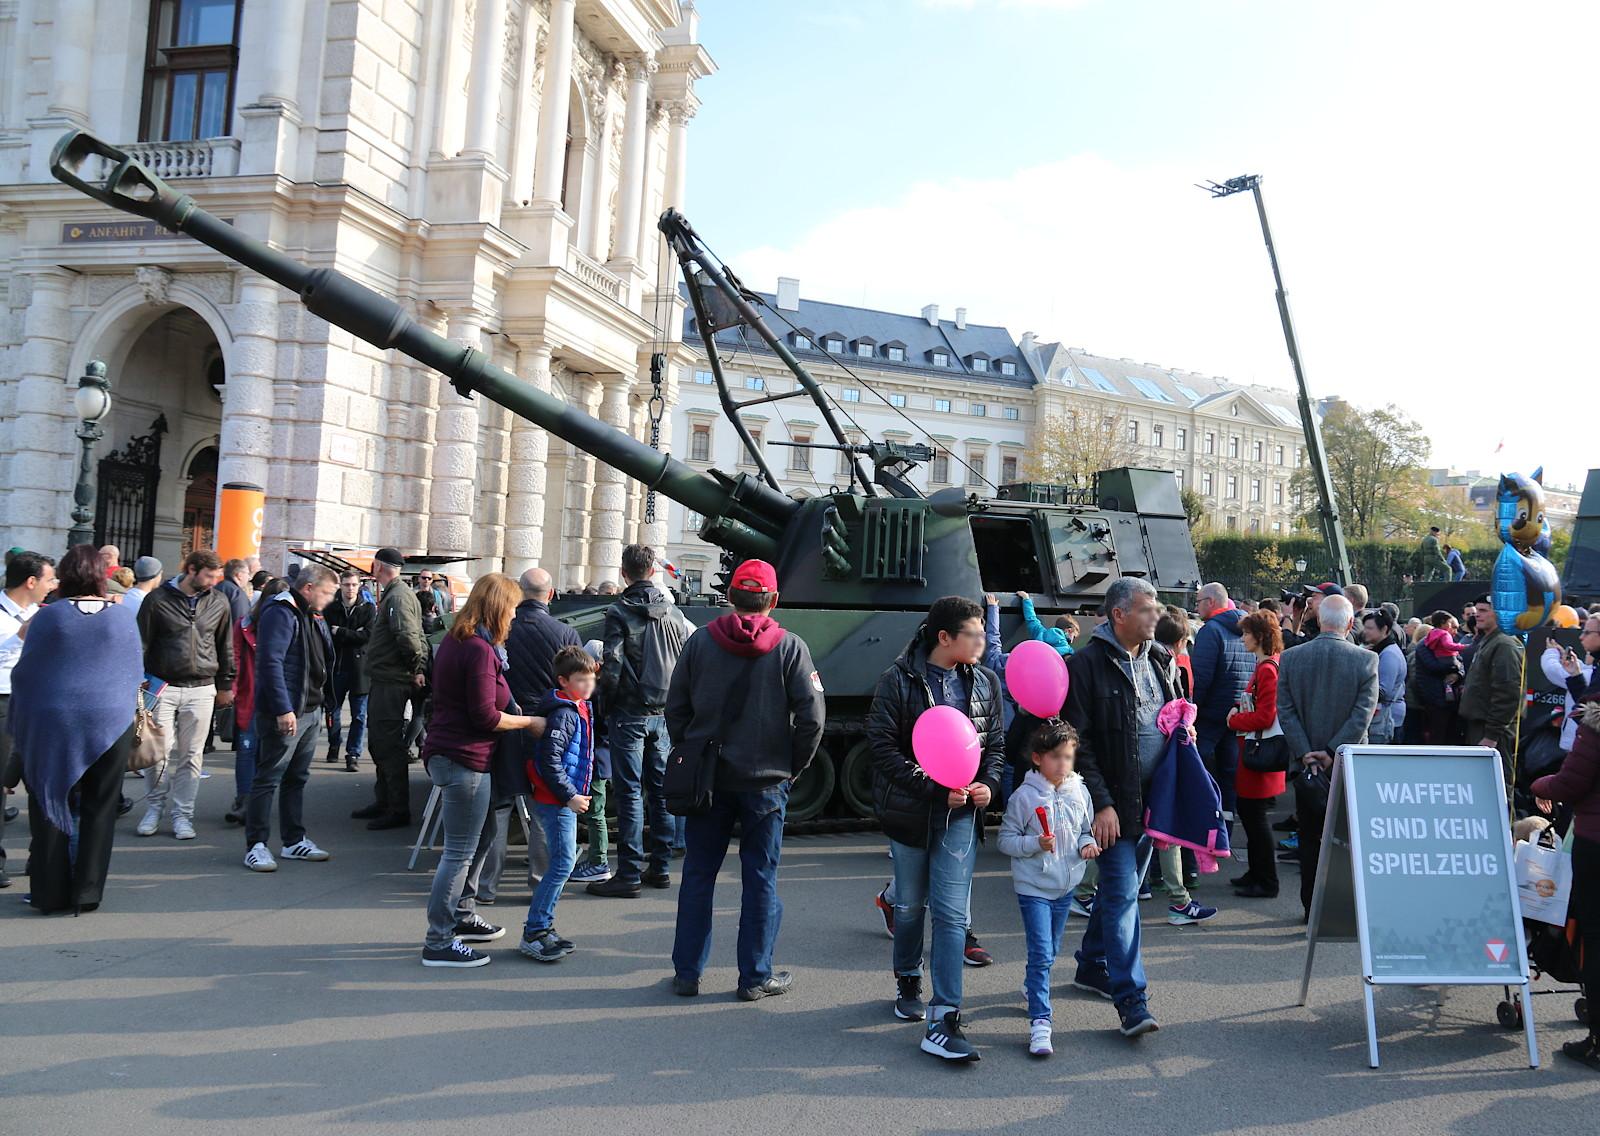 Waffen sind kein Spielzeug - schon gar nicht die 155 mm Panzerhaubitze M109 A5Ö © Doppeladler.com